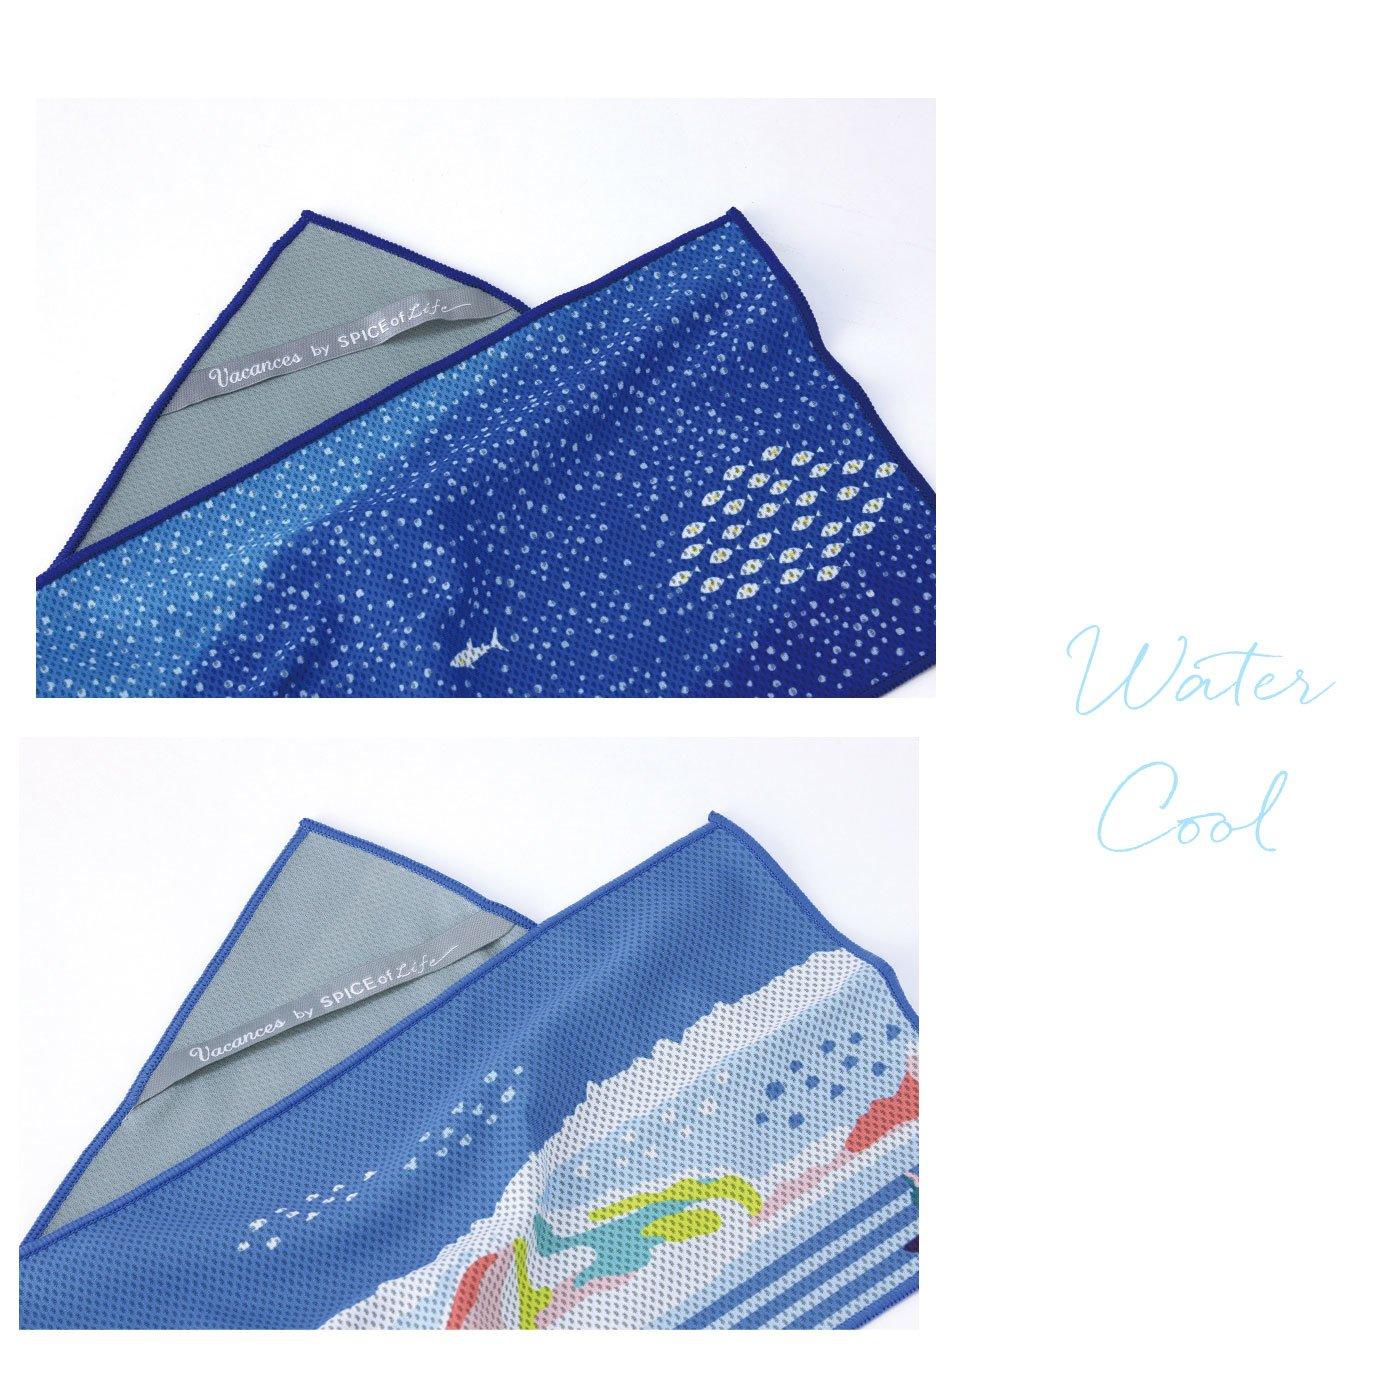 ひんやり涼しい ウォータークールミニタオル 夏を楽しむデザイン2枚セット